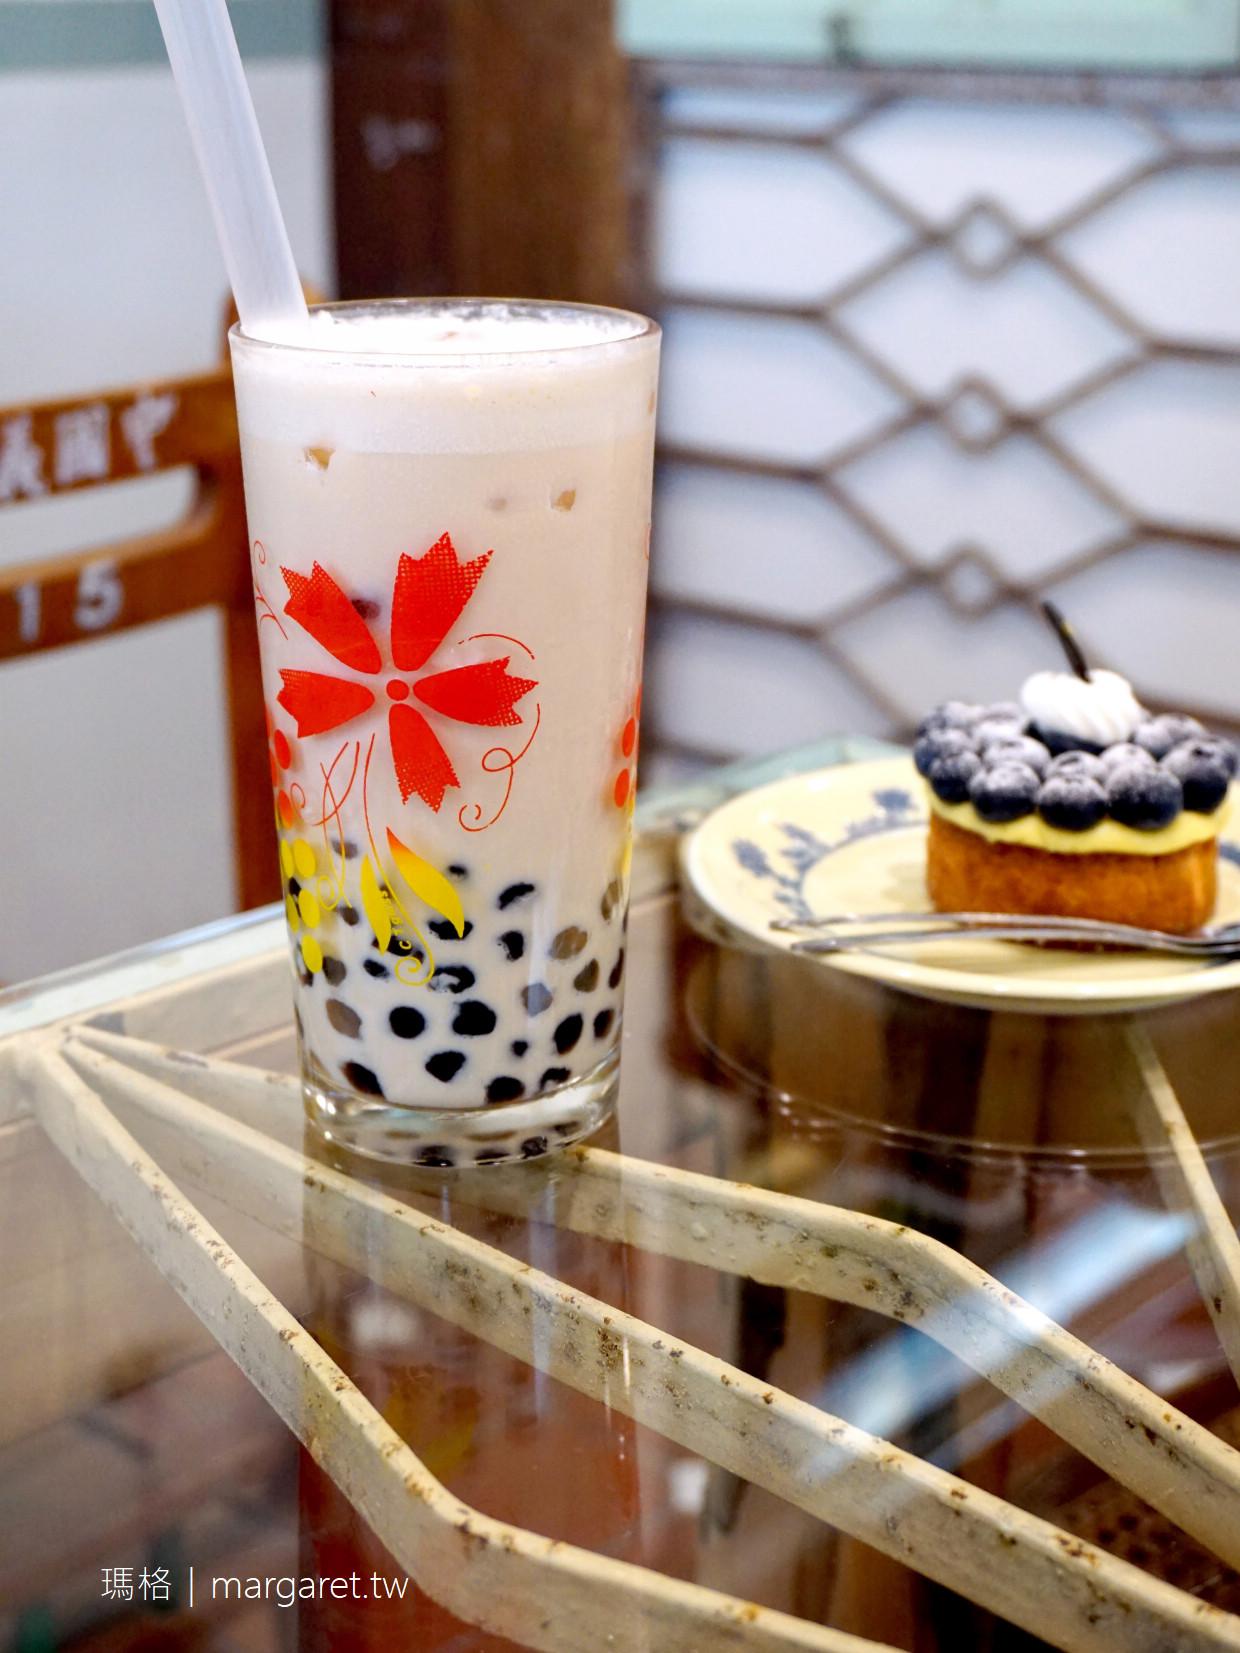 老院子1951。想喝|嘉義手搖茶店與老屋咖啡的合體 (二訪更新)